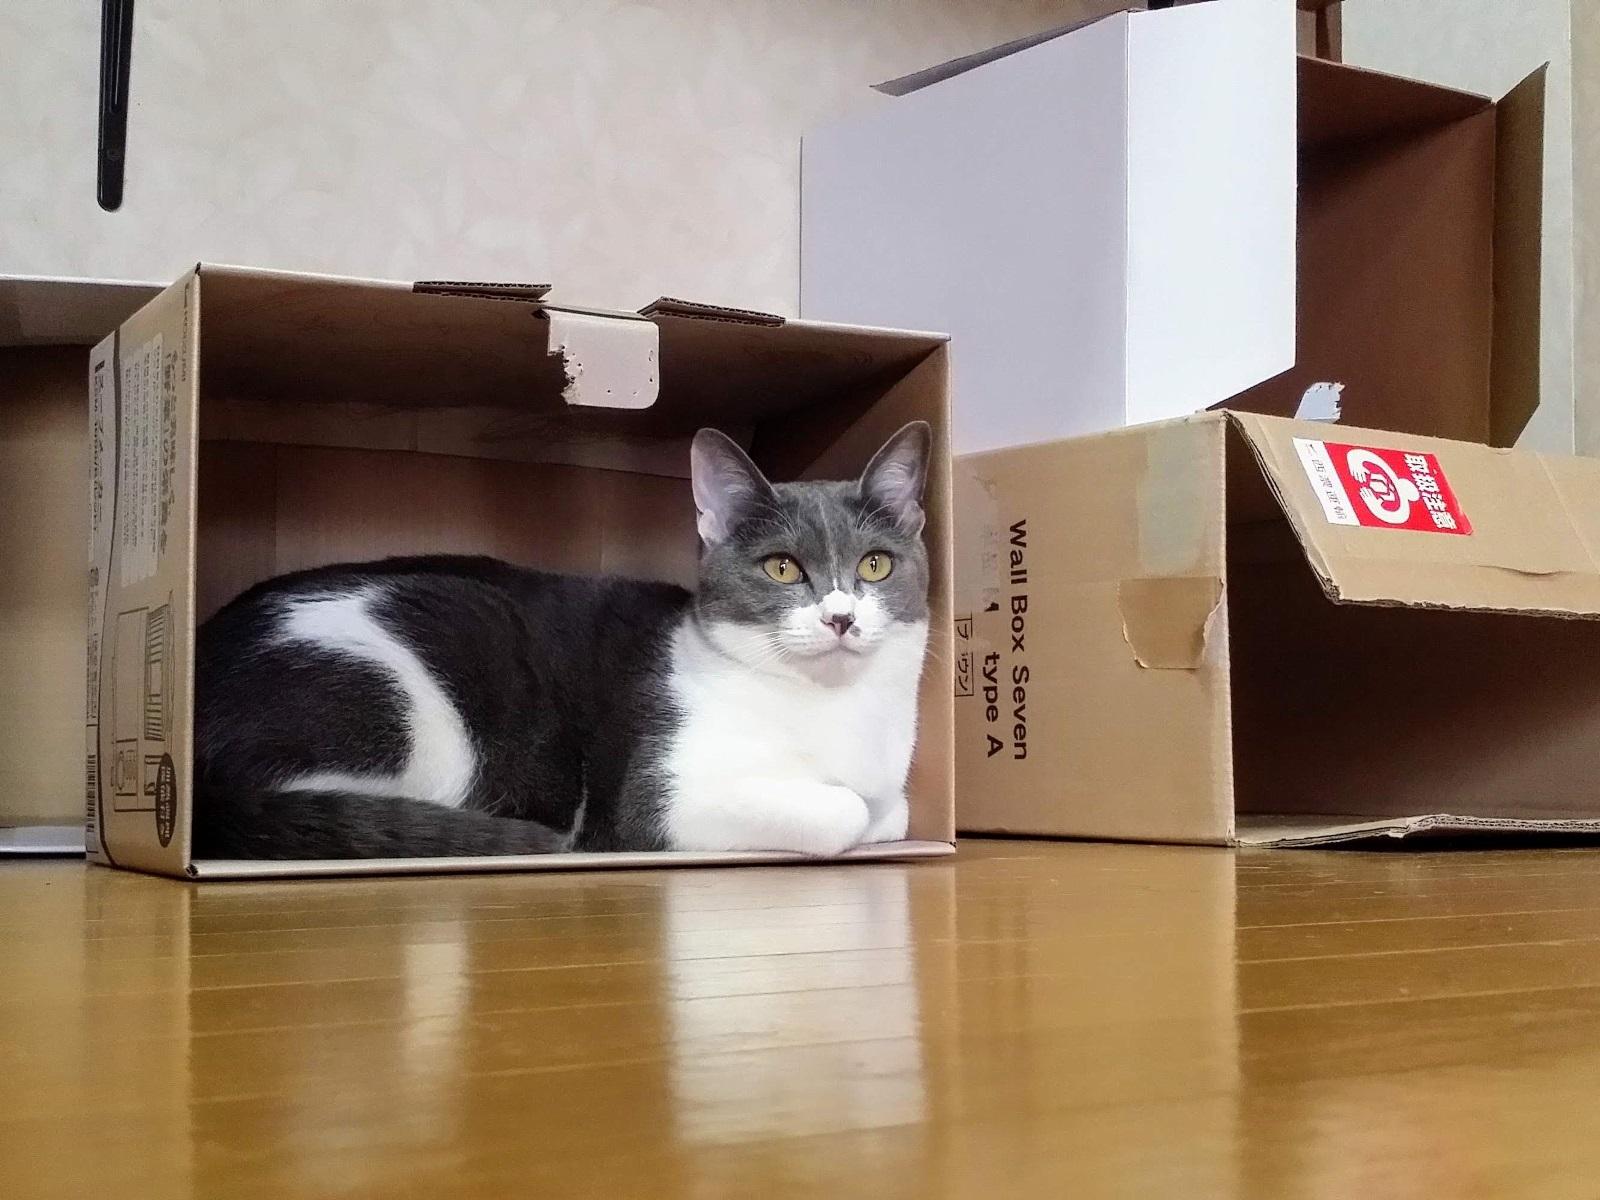 空き箱に居座る猫の写真